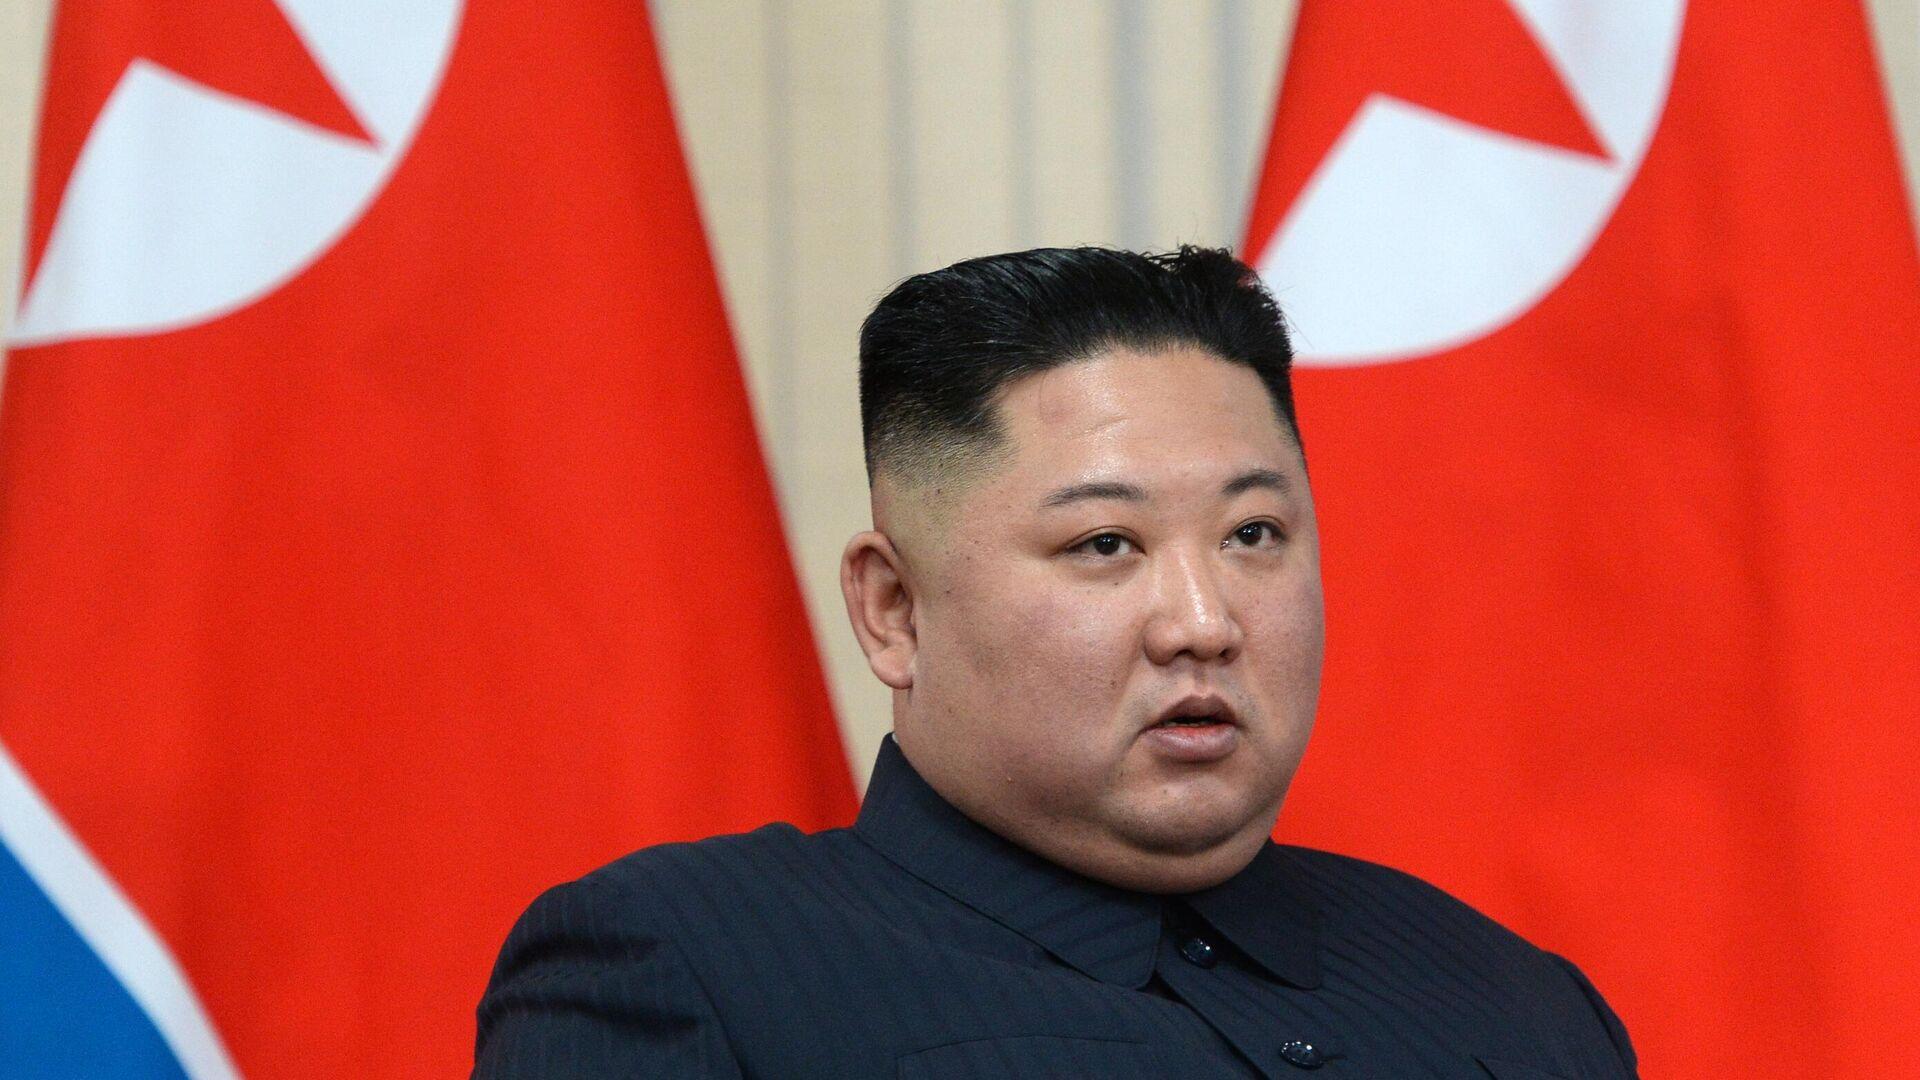 СМИ: Ким Чен Ын заявил о готовности восстановить каналы связи с Сеулом